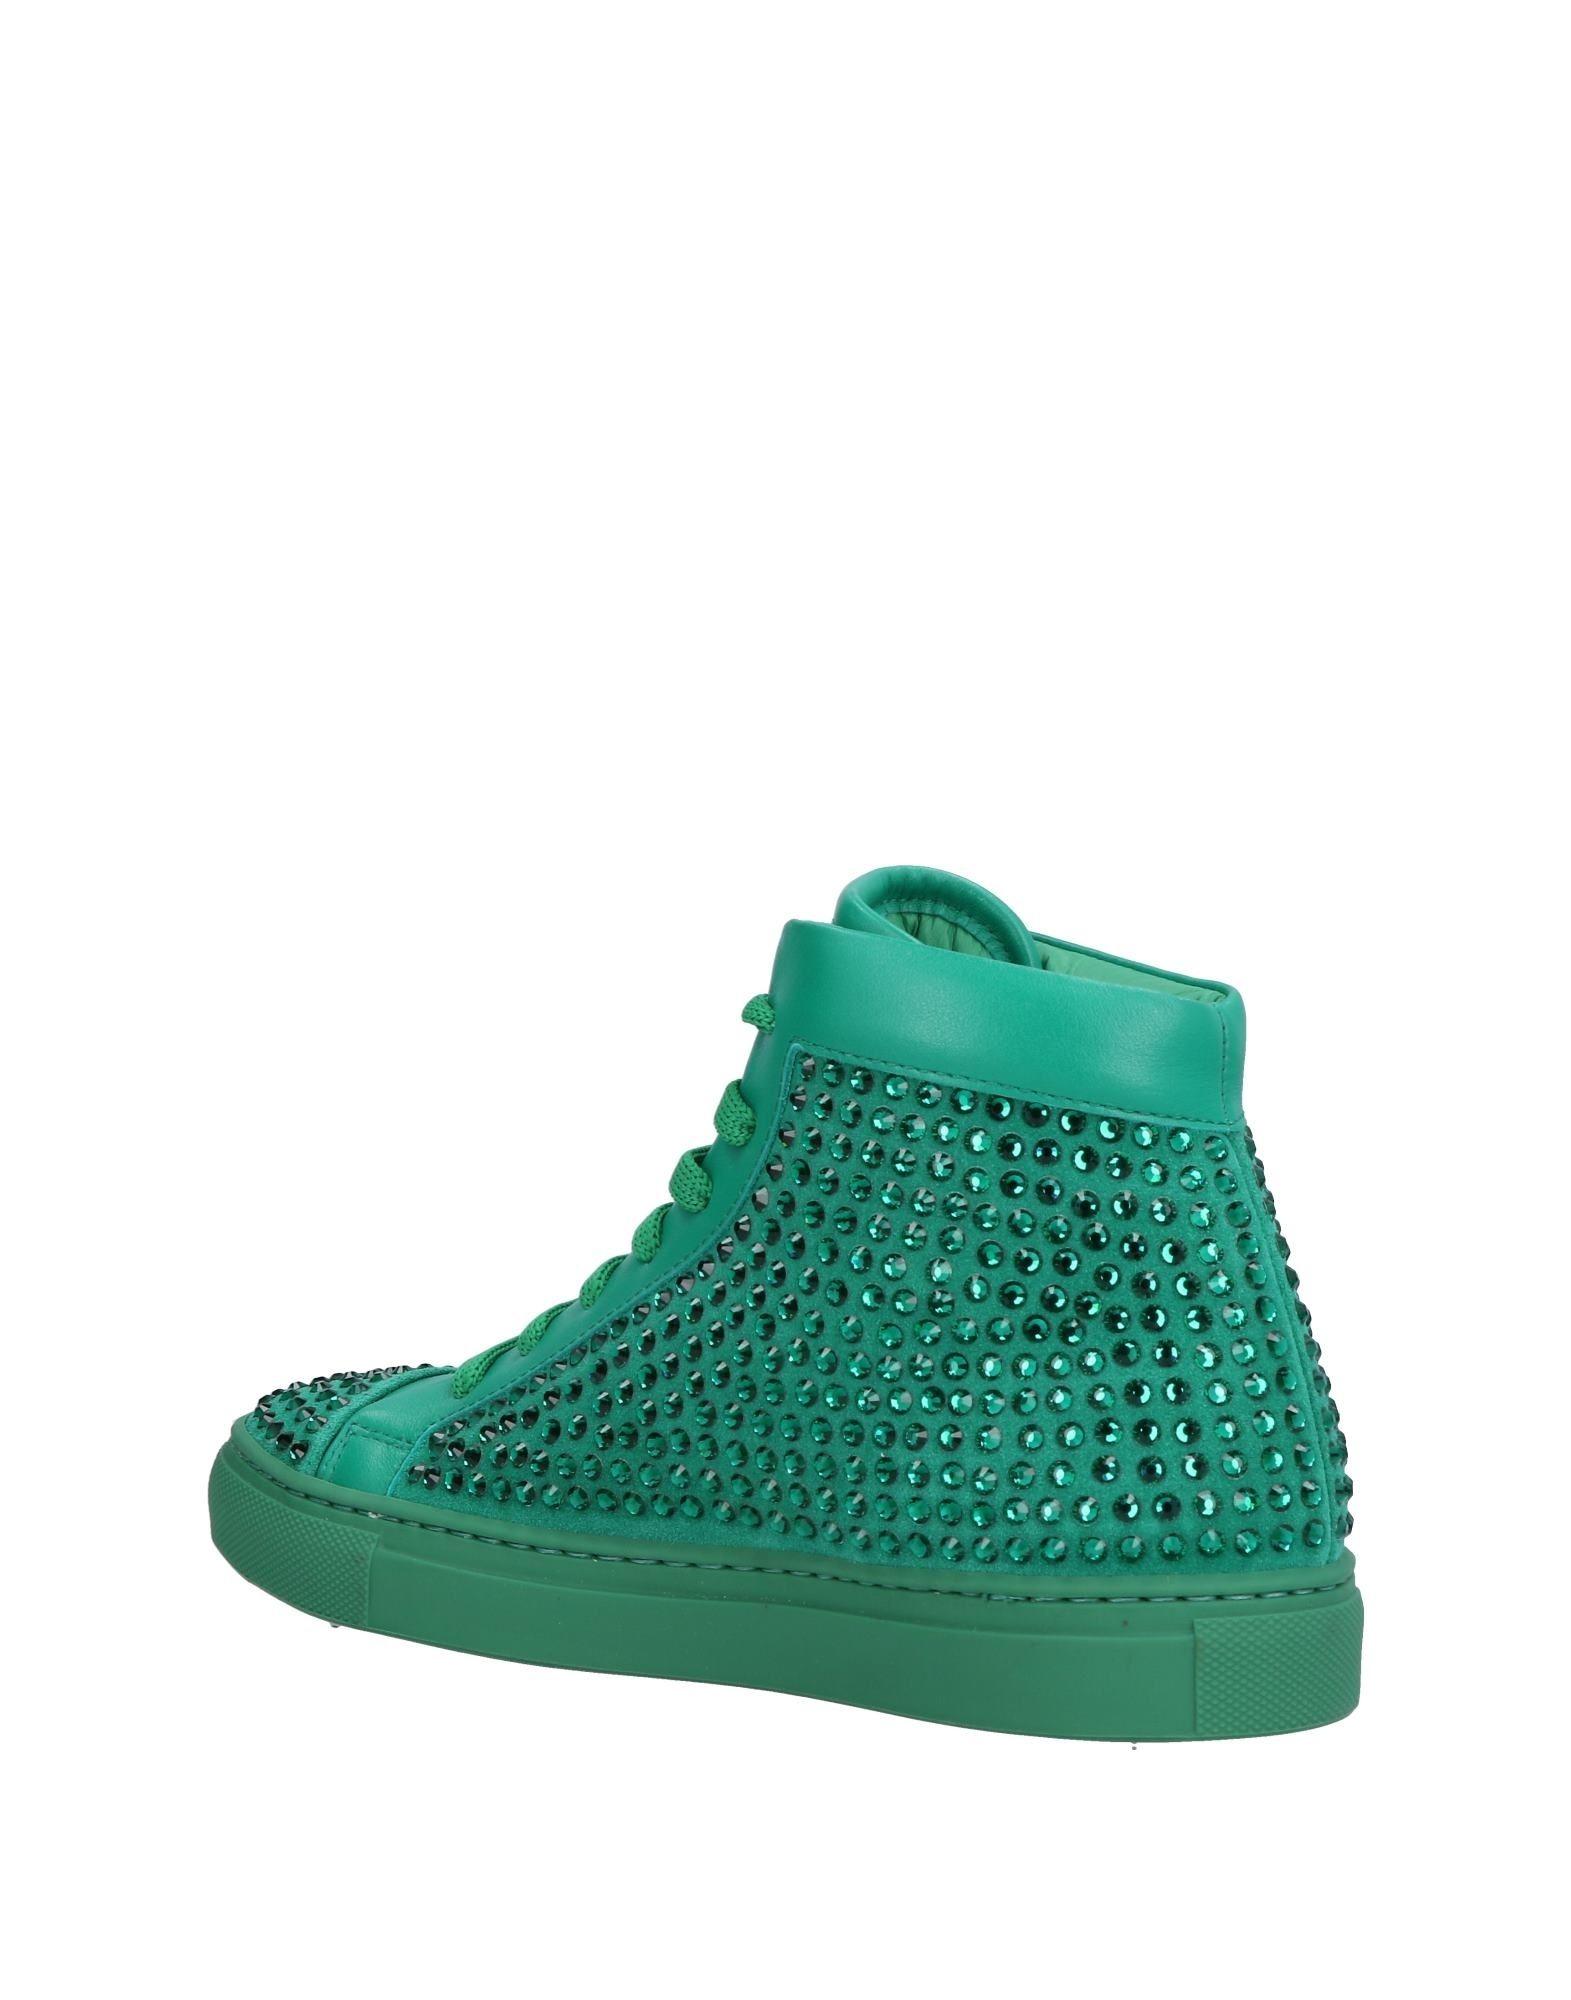 Philipp Plein gut Sneakers Damen  11487607SAGünstige gut Plein aussehende Schuhe 855a64